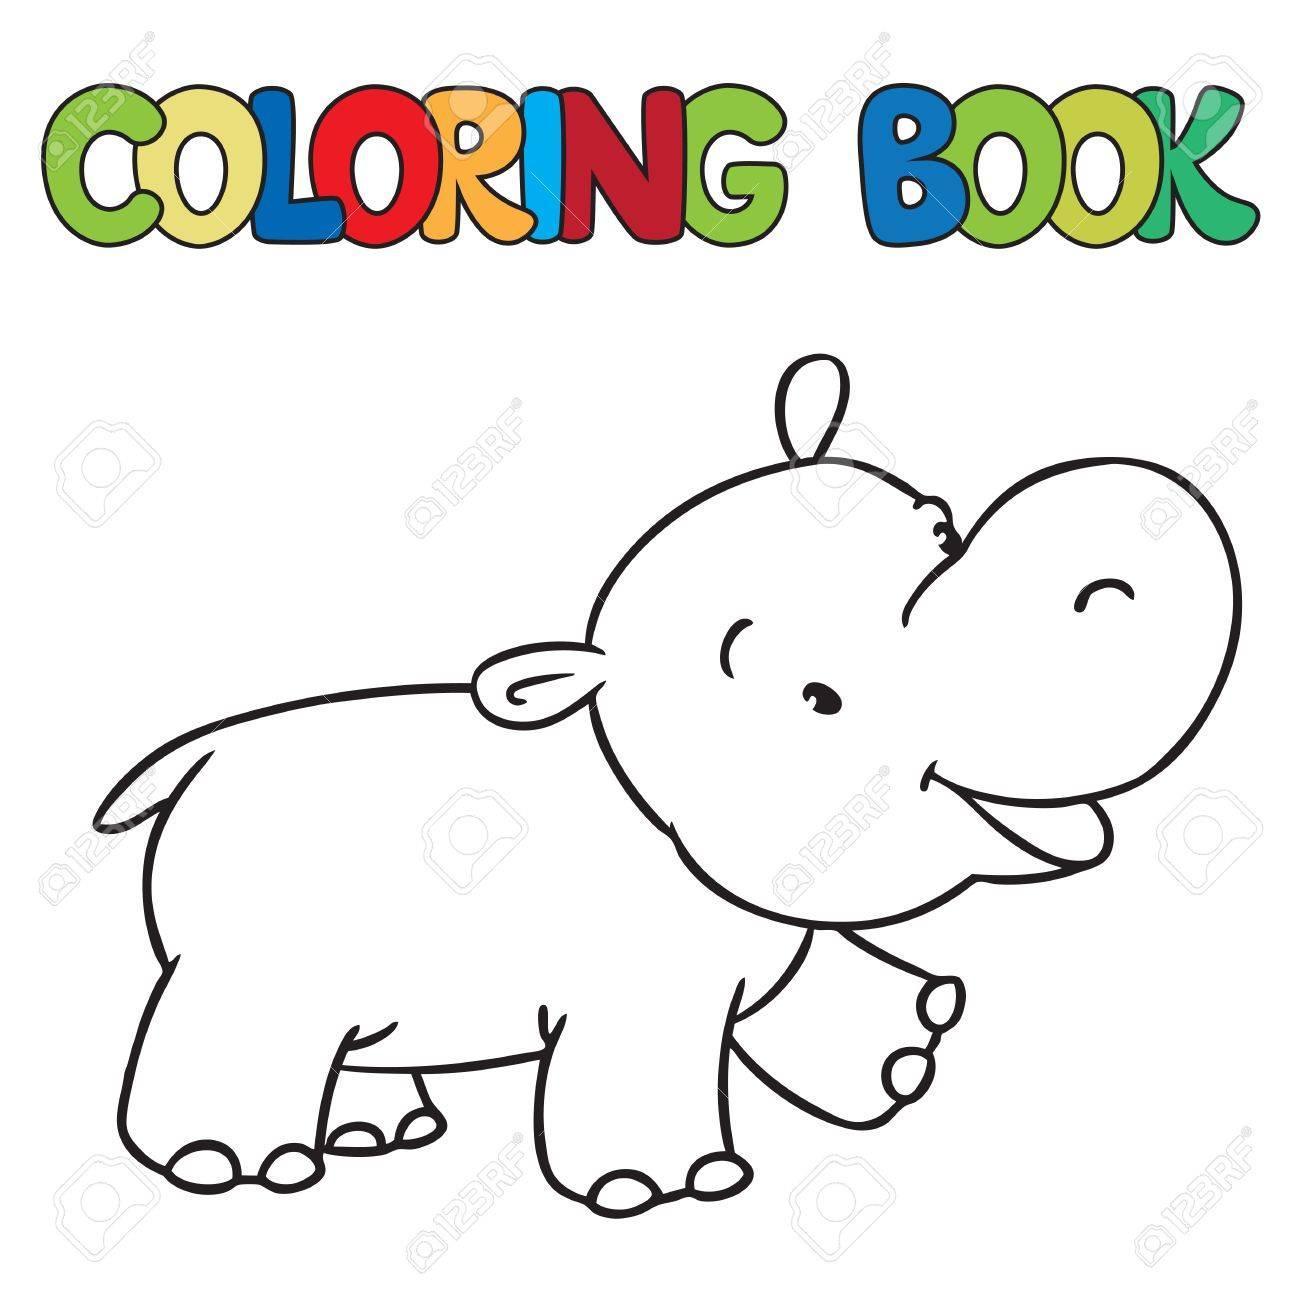 Libro Para Colorear O Una Imagen Para Colorear De Pequeño Hipopótamo Divertido O Un Hipopótamo